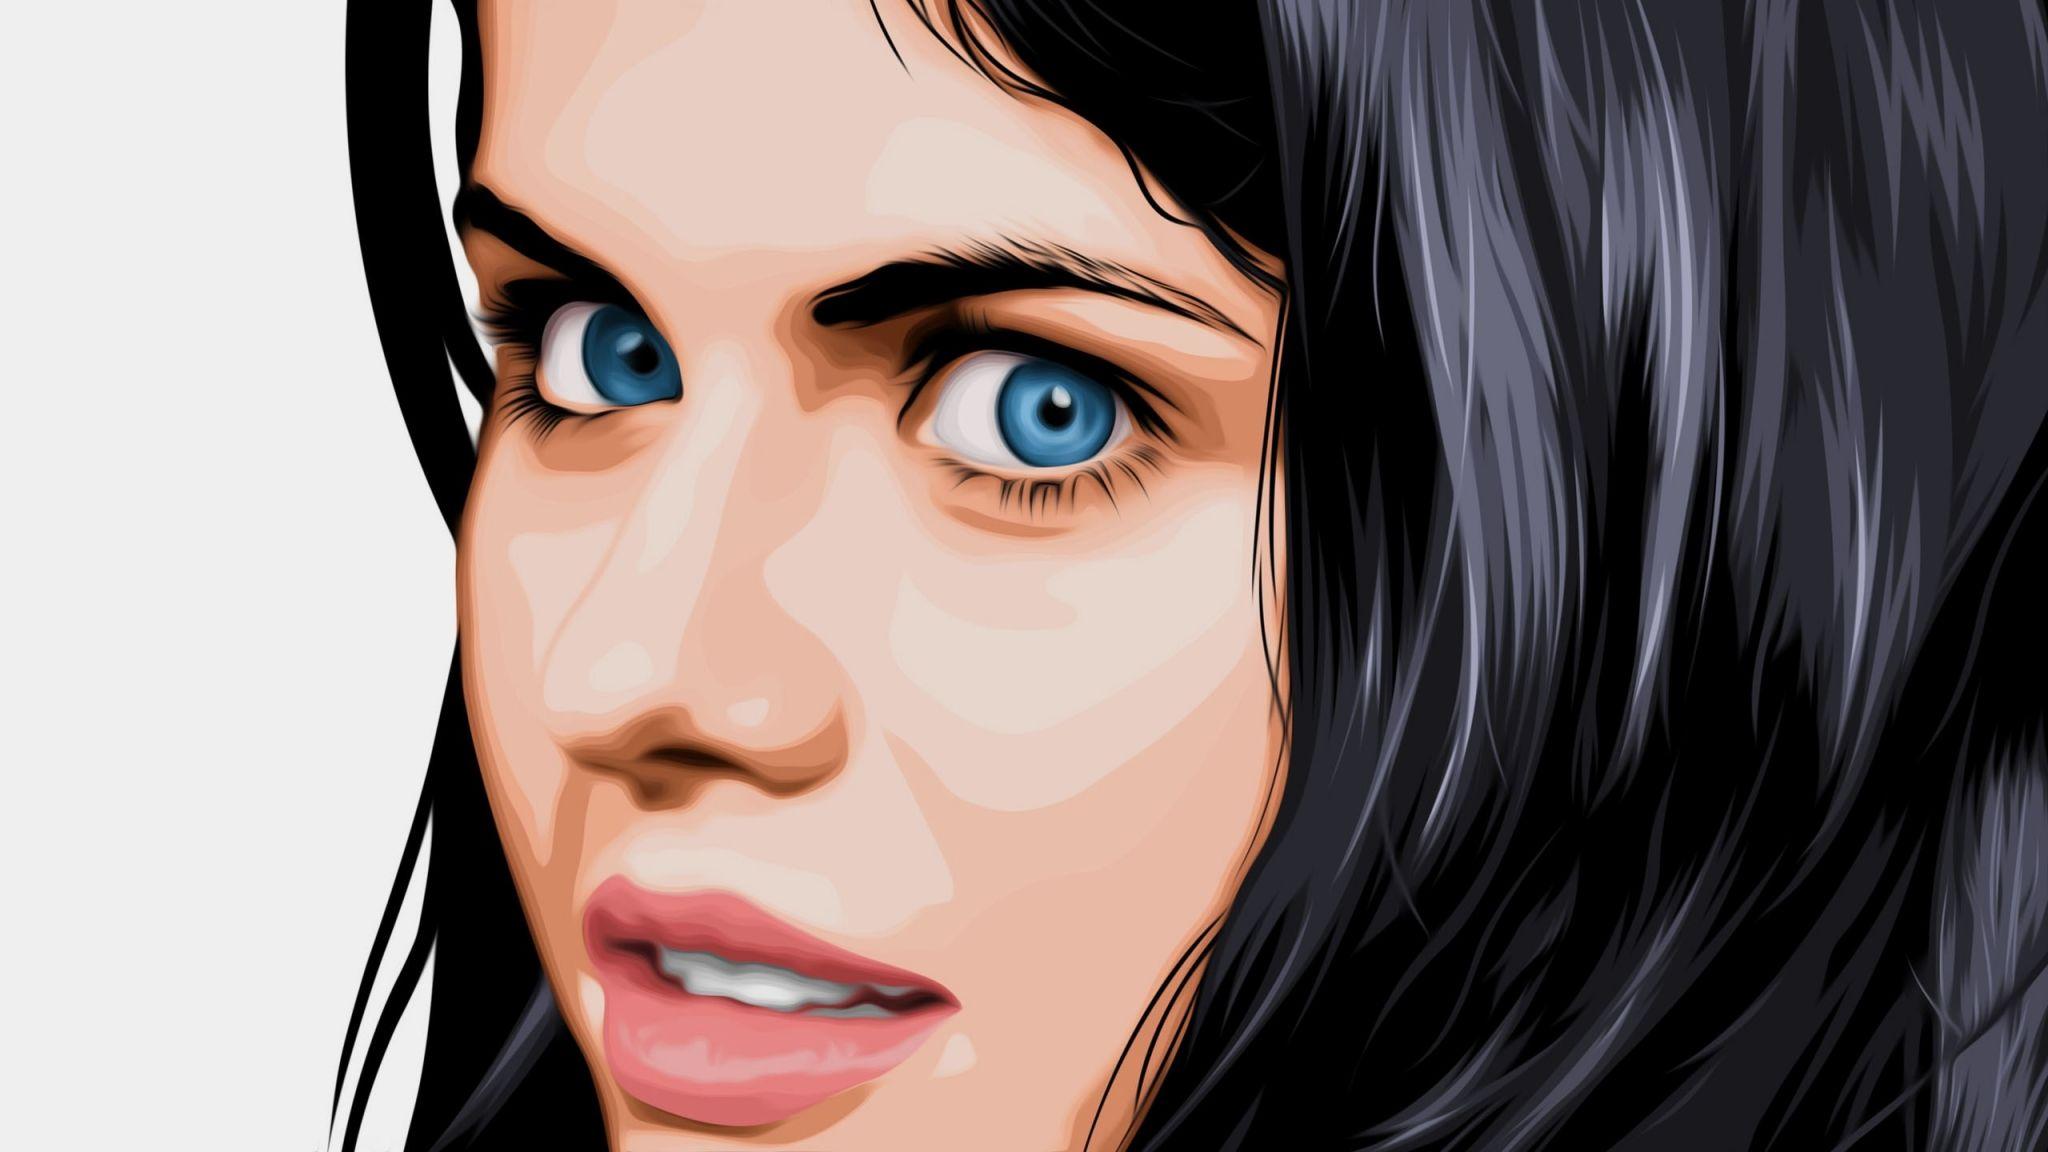 Alexandra Daddario Wallpaper Pack 1080p Hd Ololoshenka